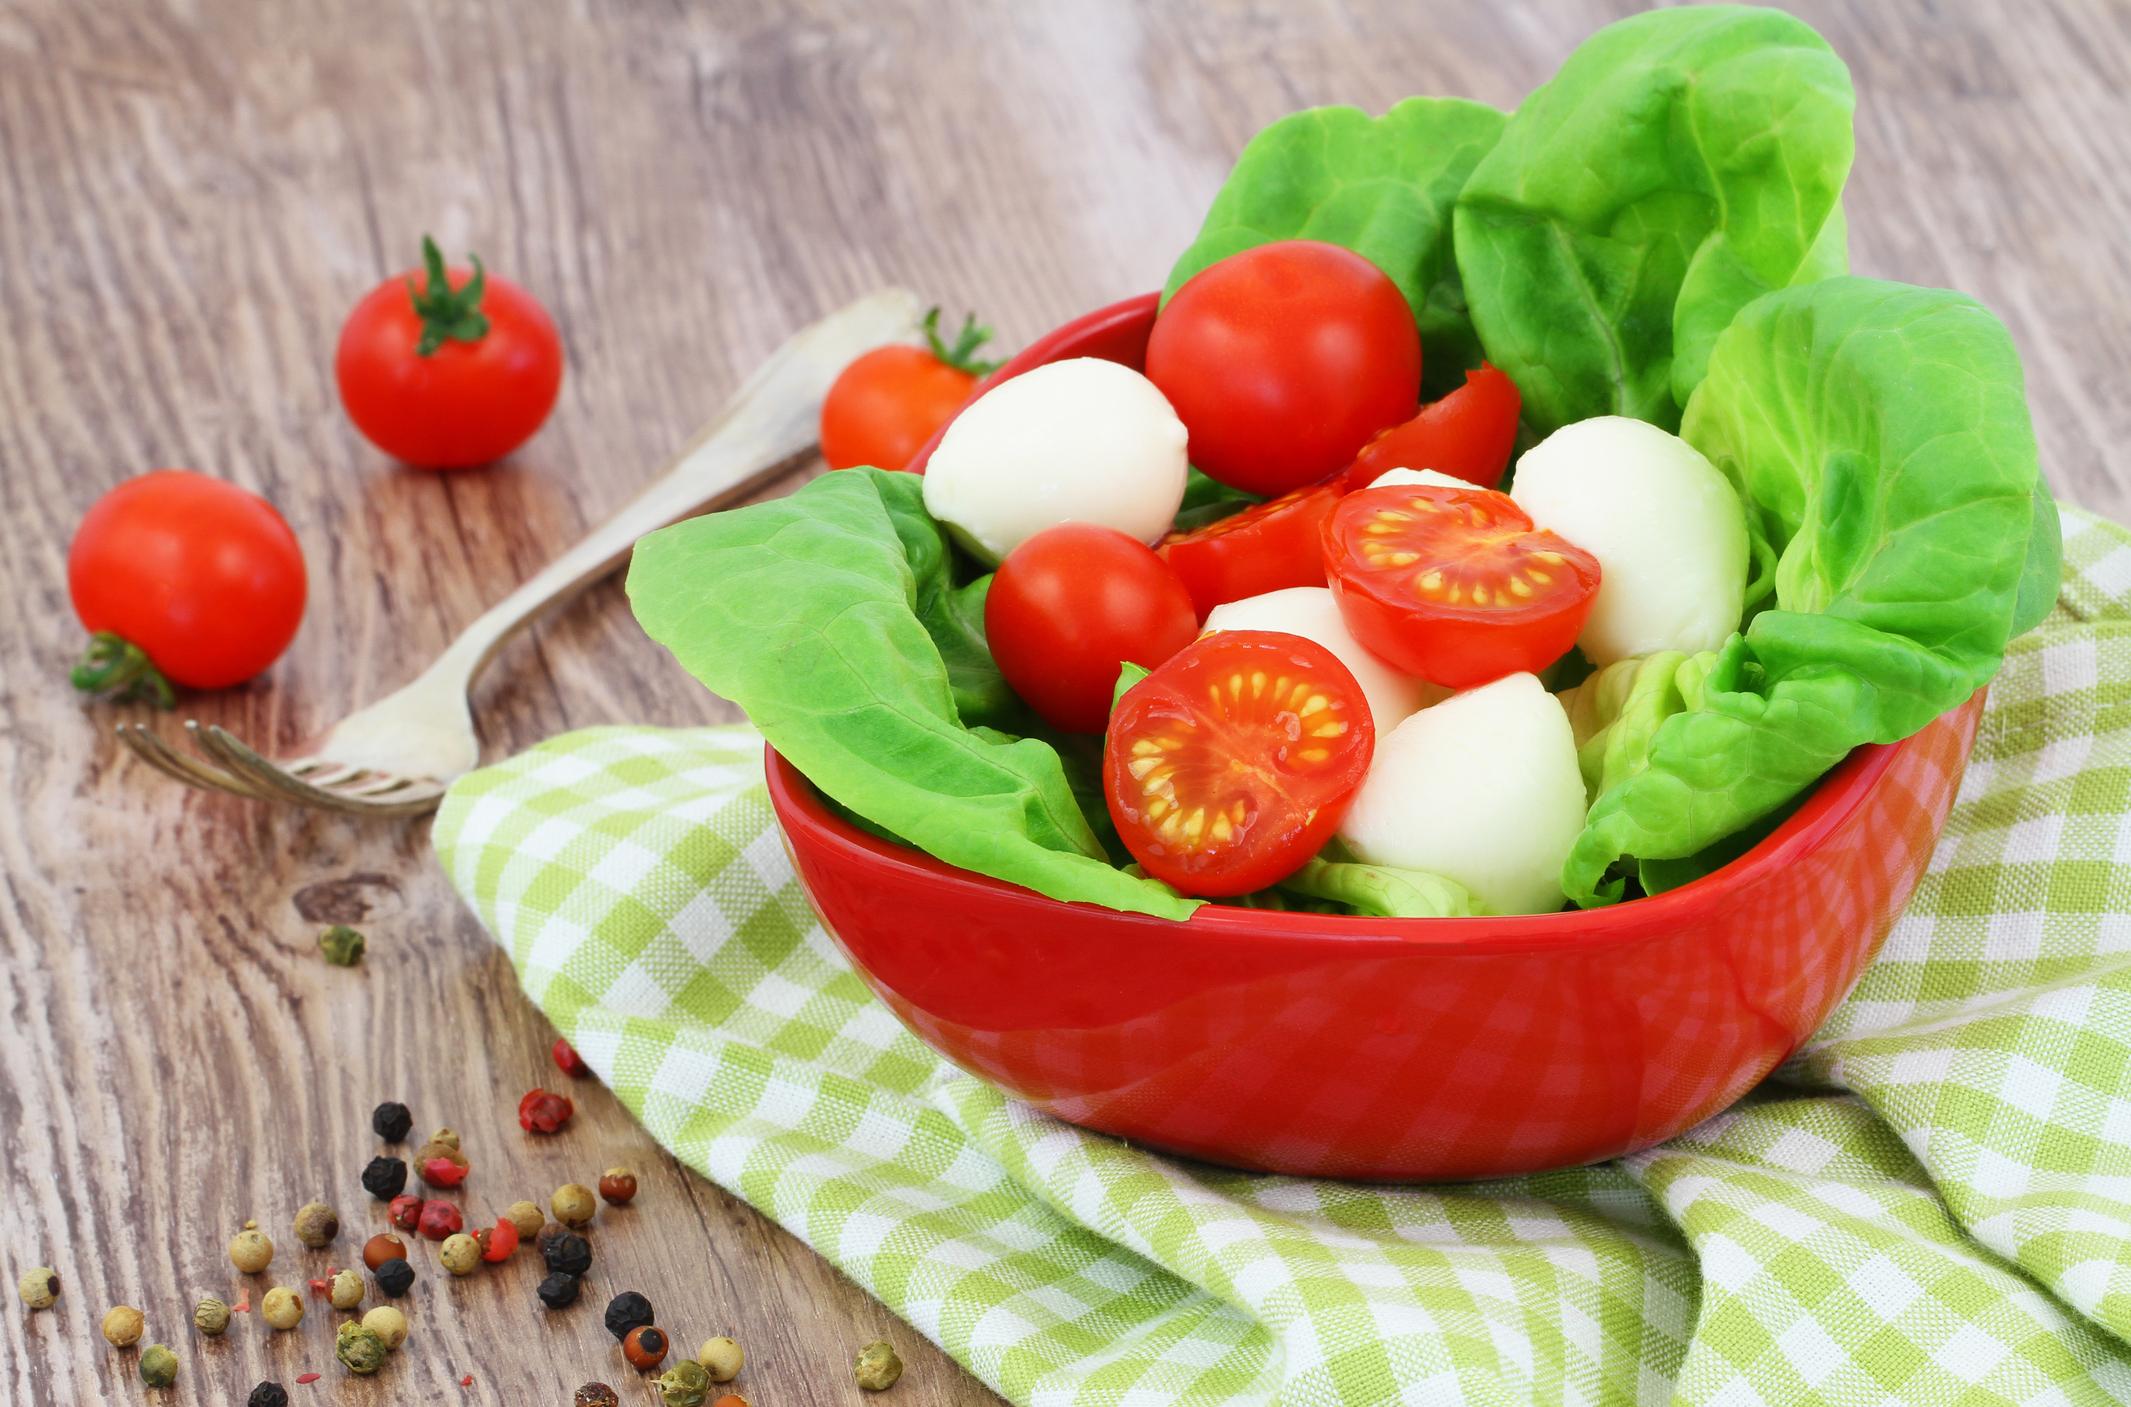 Petiscos para servir pela manhã na Copa - tomate cereja e mussarela de búfala